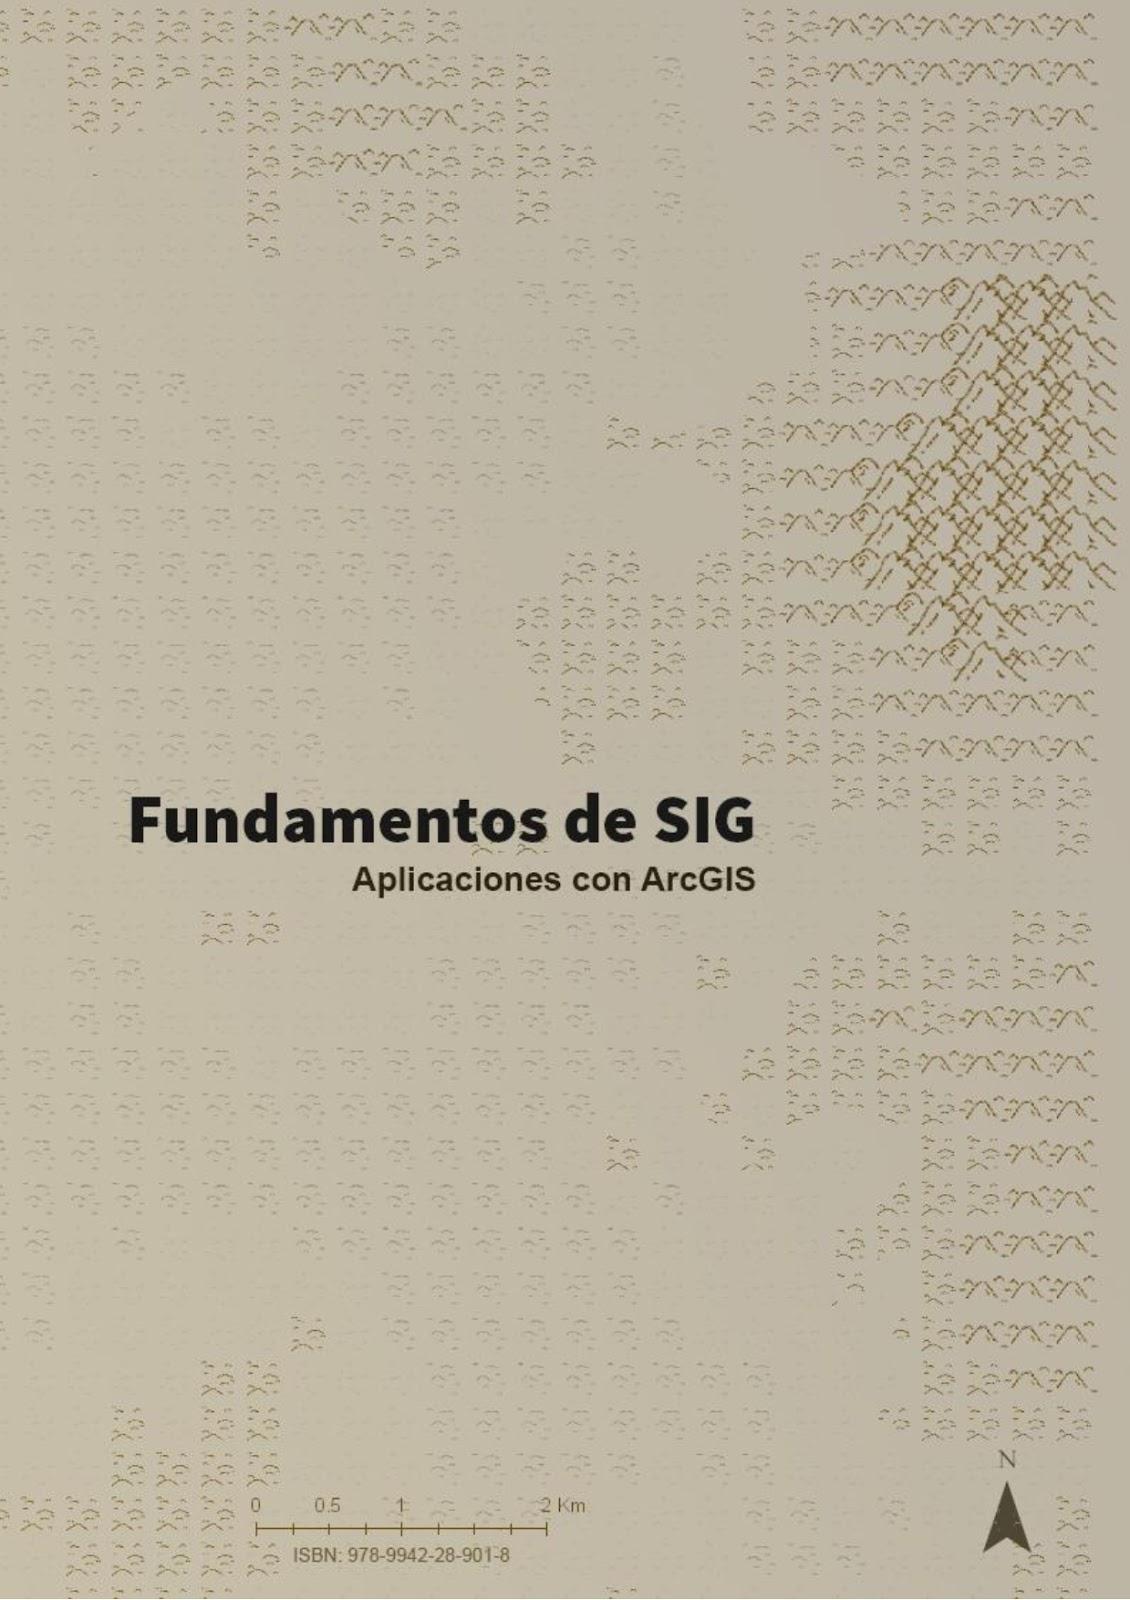 Bonito Ingeniero De Proyectos Reanudar Muestras Motivo - Ejemplo De ...